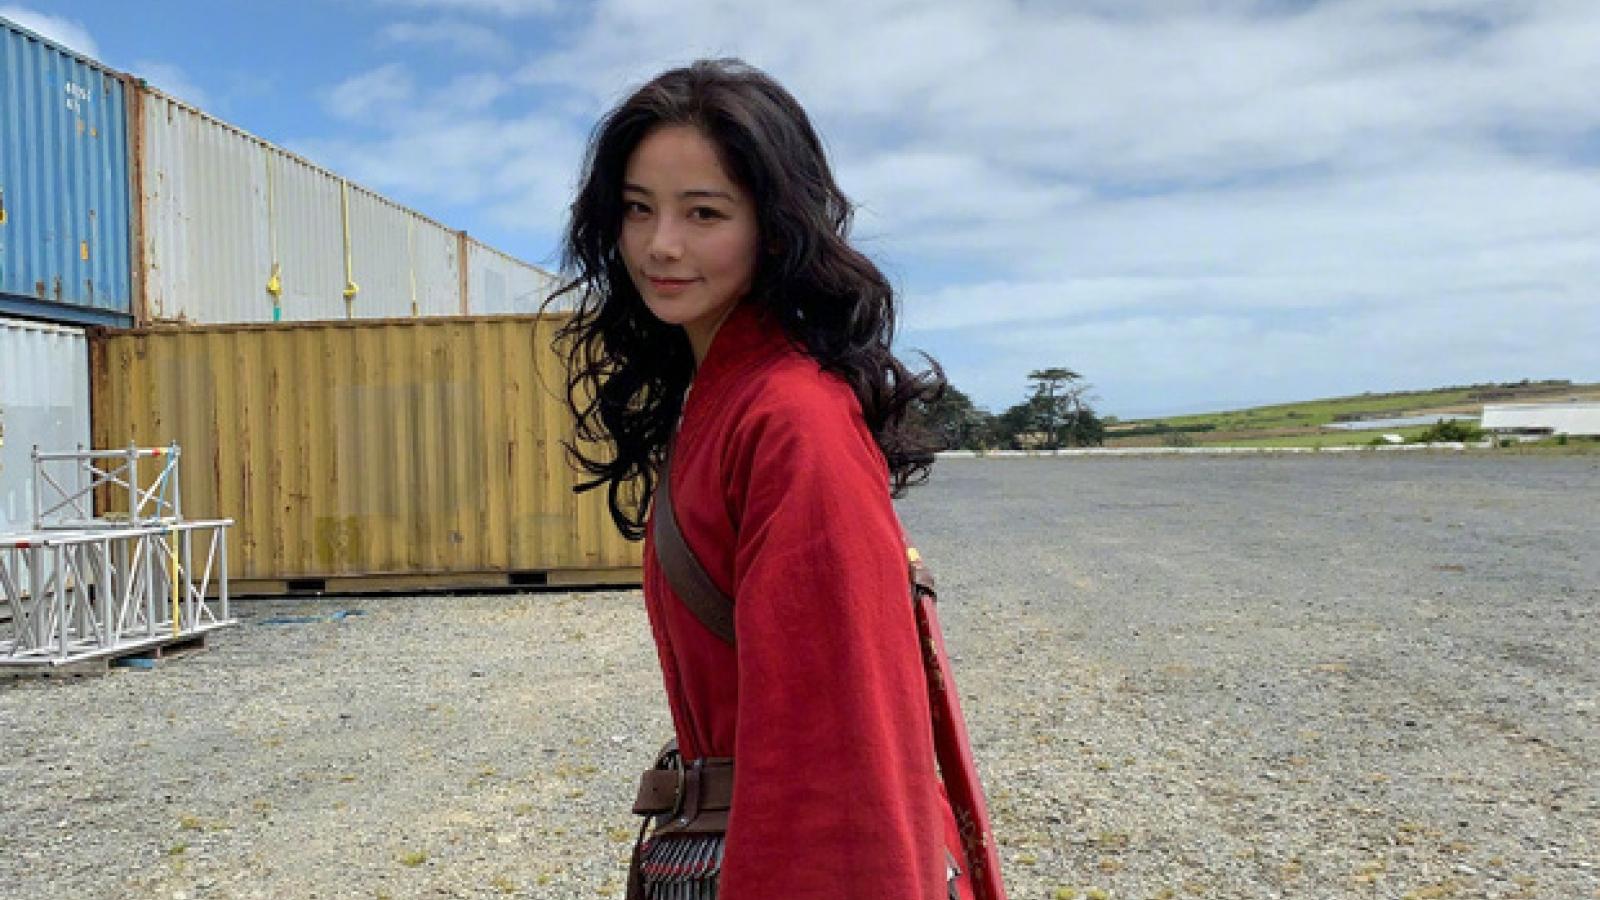 """Nhan sắc nữ diễn viên đóng thế """"lấn át"""" Lưu Diệc Phi trong """"Mulan"""""""